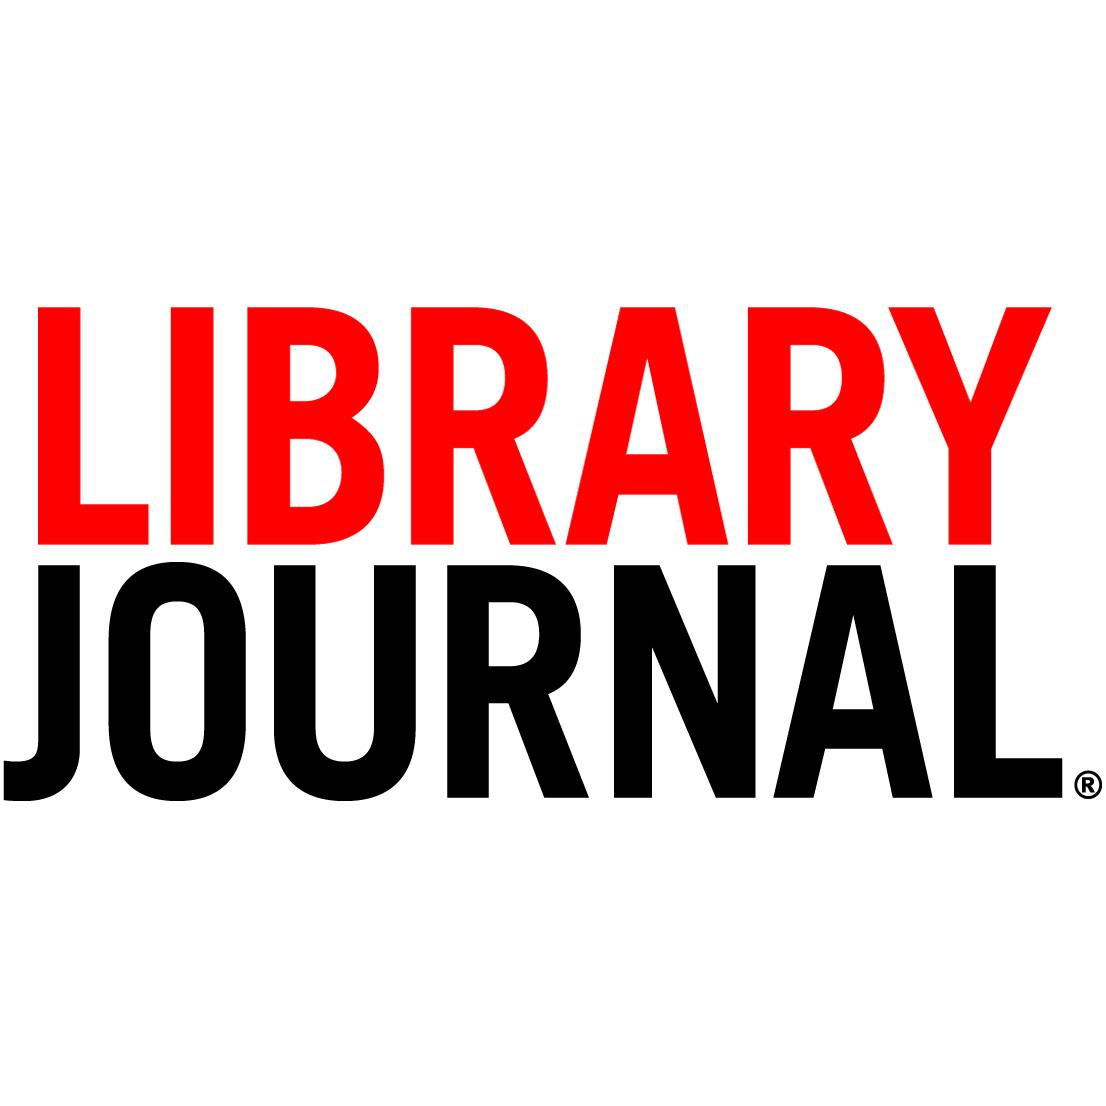 library-journal.jpg